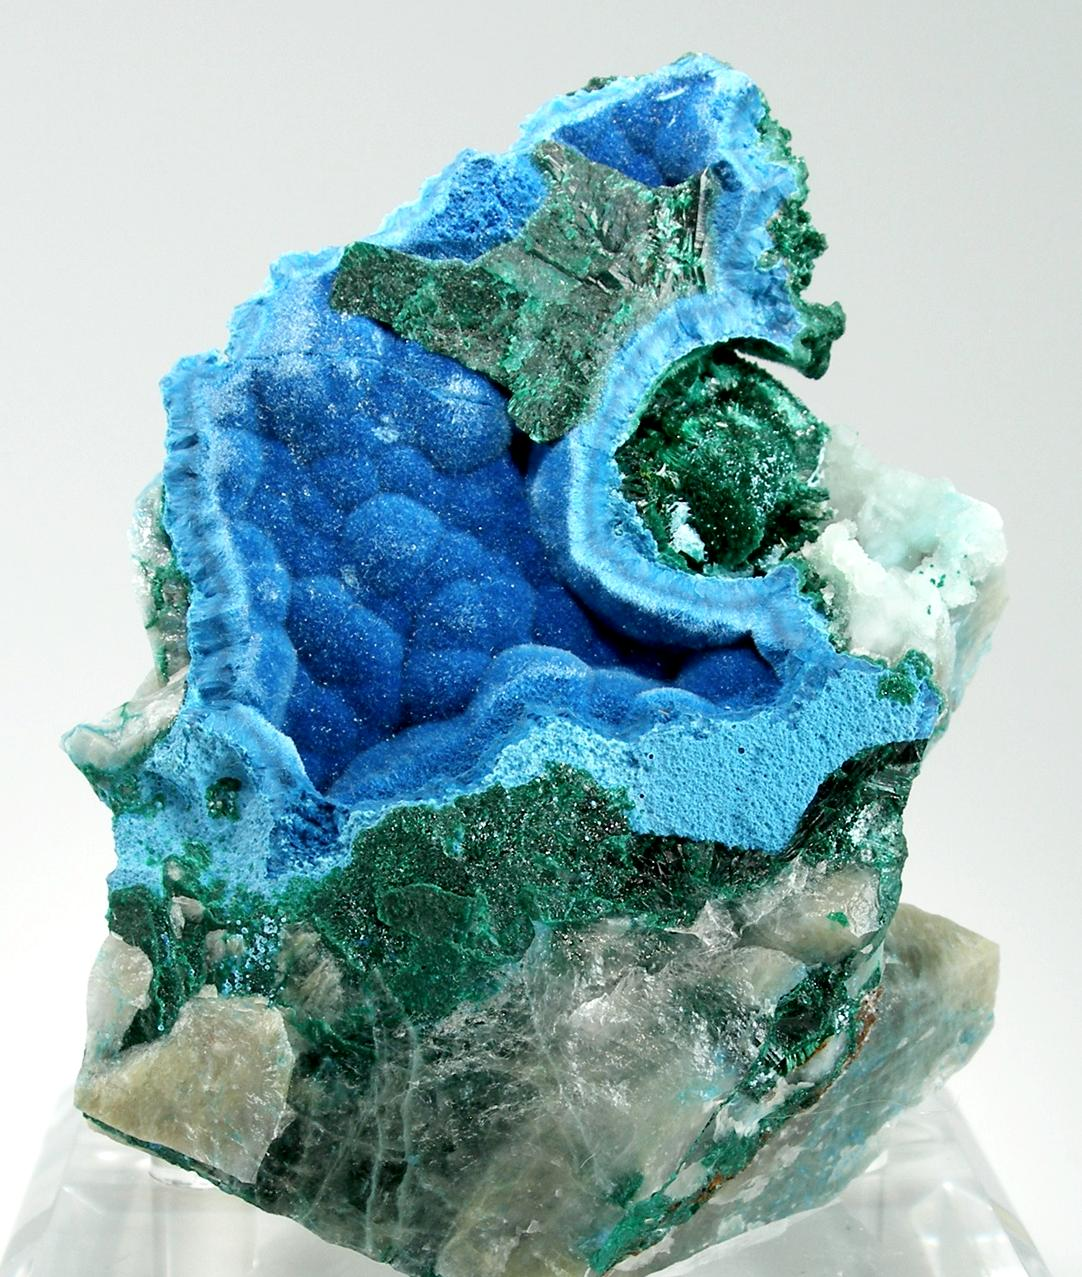 Here unusual pocket piece stunning specimen velvety shattuckite vivid